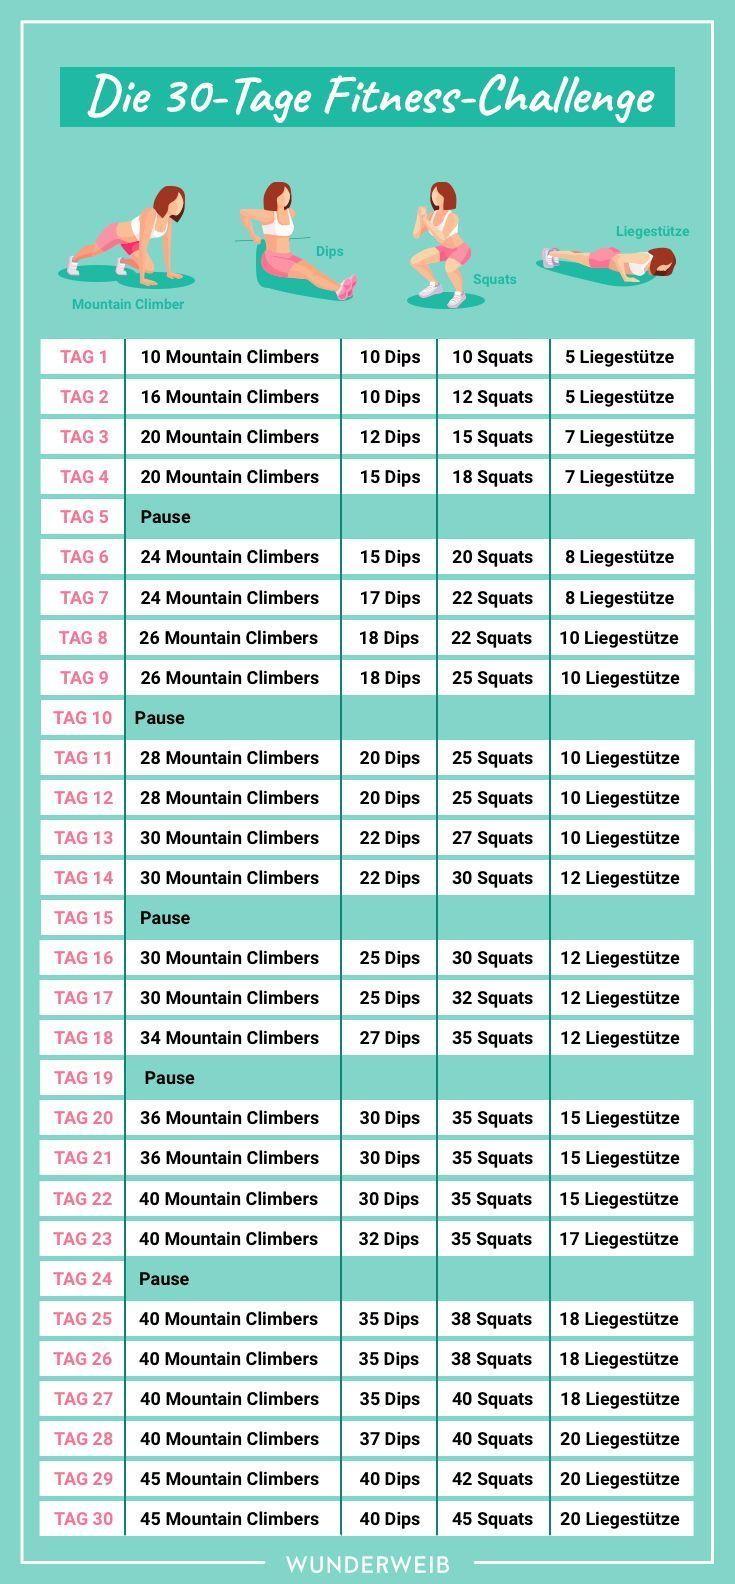 Fitness-Challenge: Mach deinen ganzen Körper in nur 30 Tagen fit | Wunderweib #fitnesschallenges In...